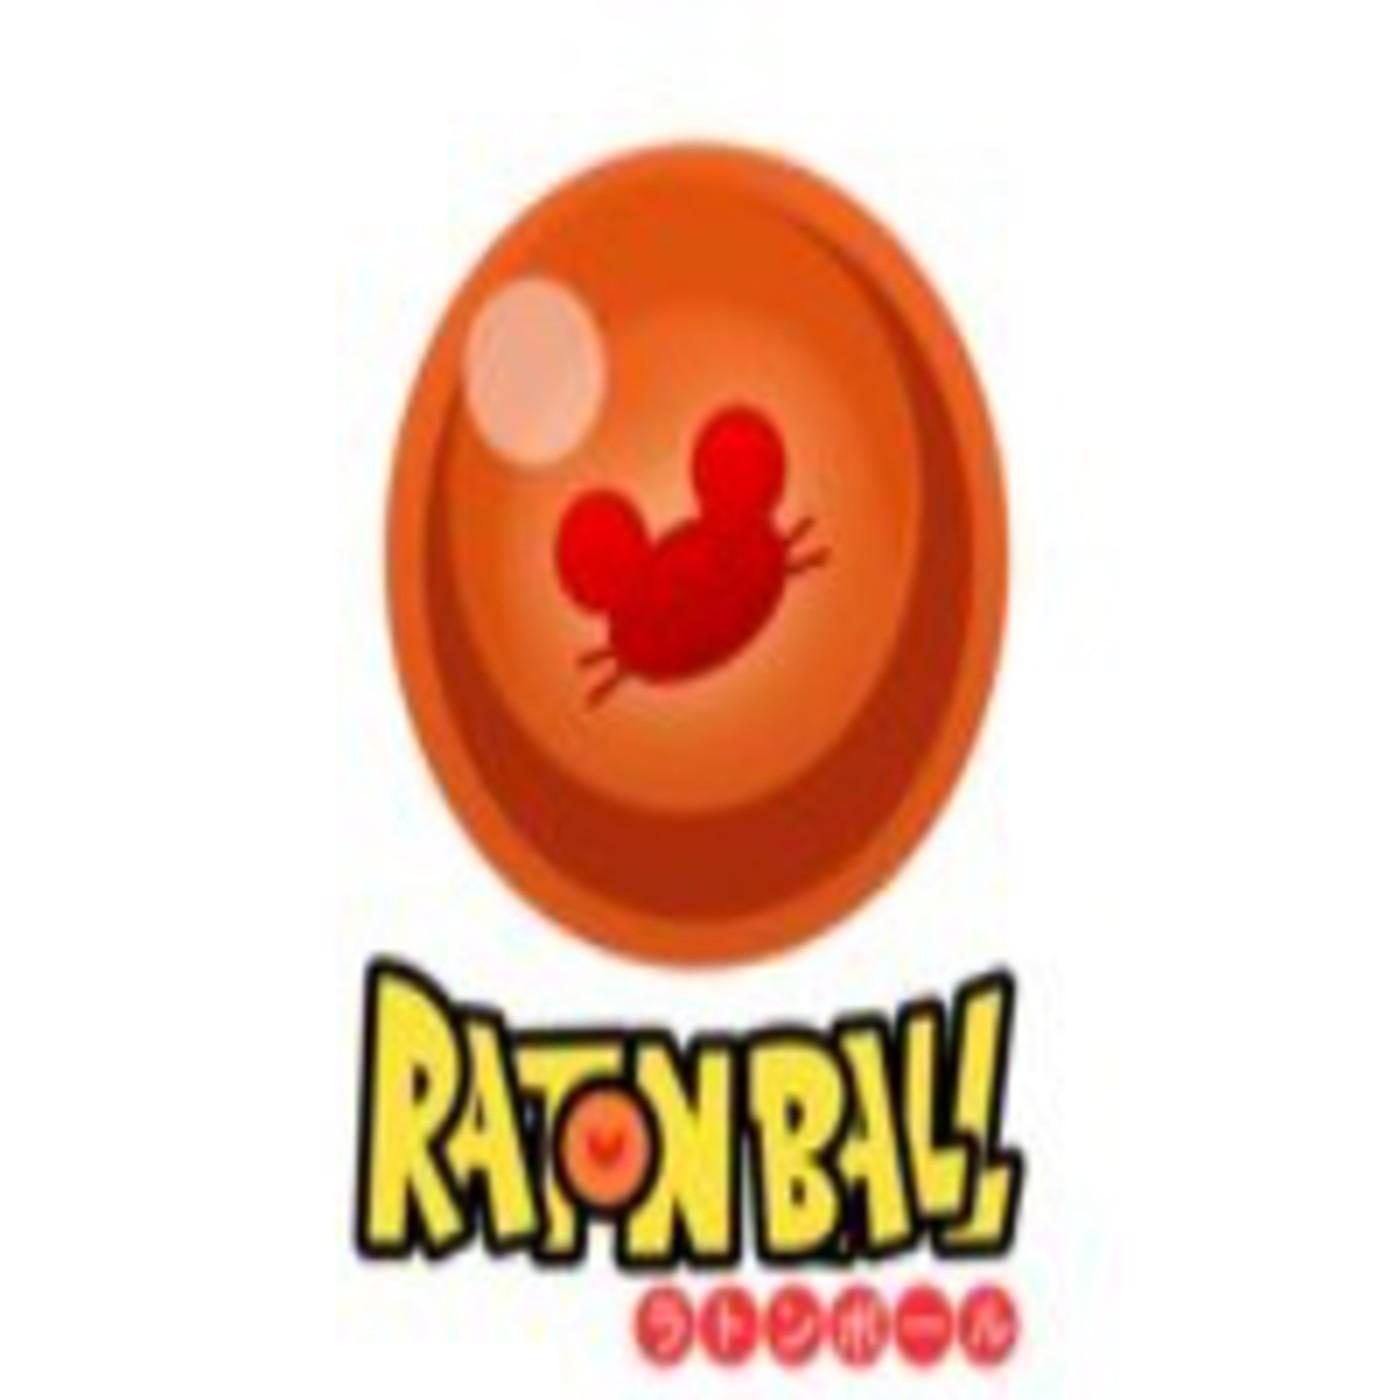 <![CDATA[Ratonball]]>